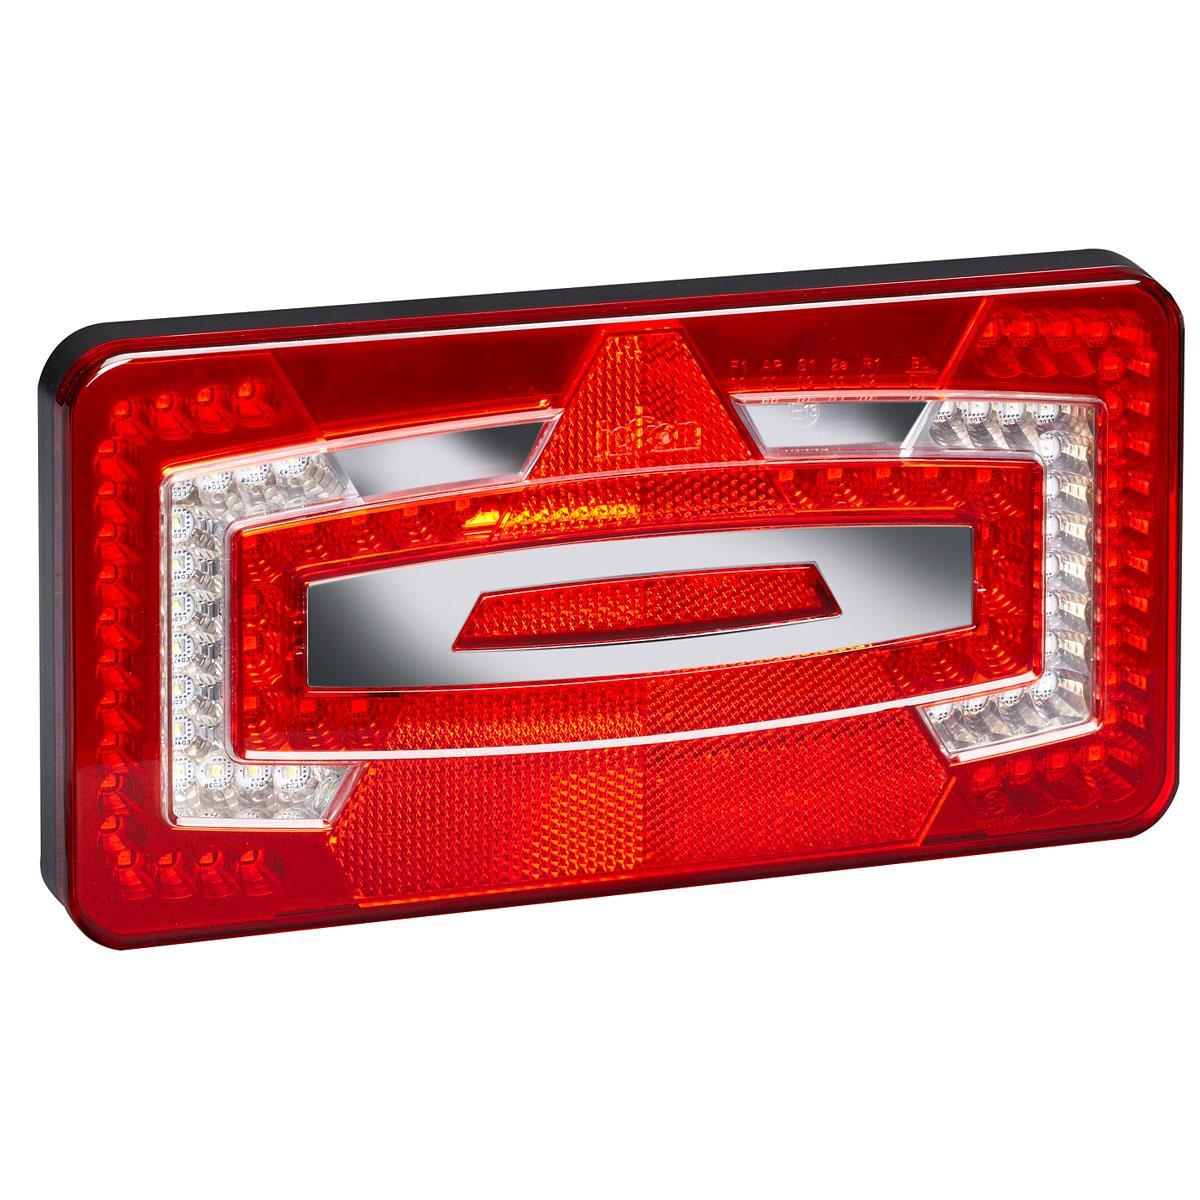 Fremragende Jokon 915 LED BBSNWDR 9-32V V (E13 13359) ZA 6-pol - Trailer VV07